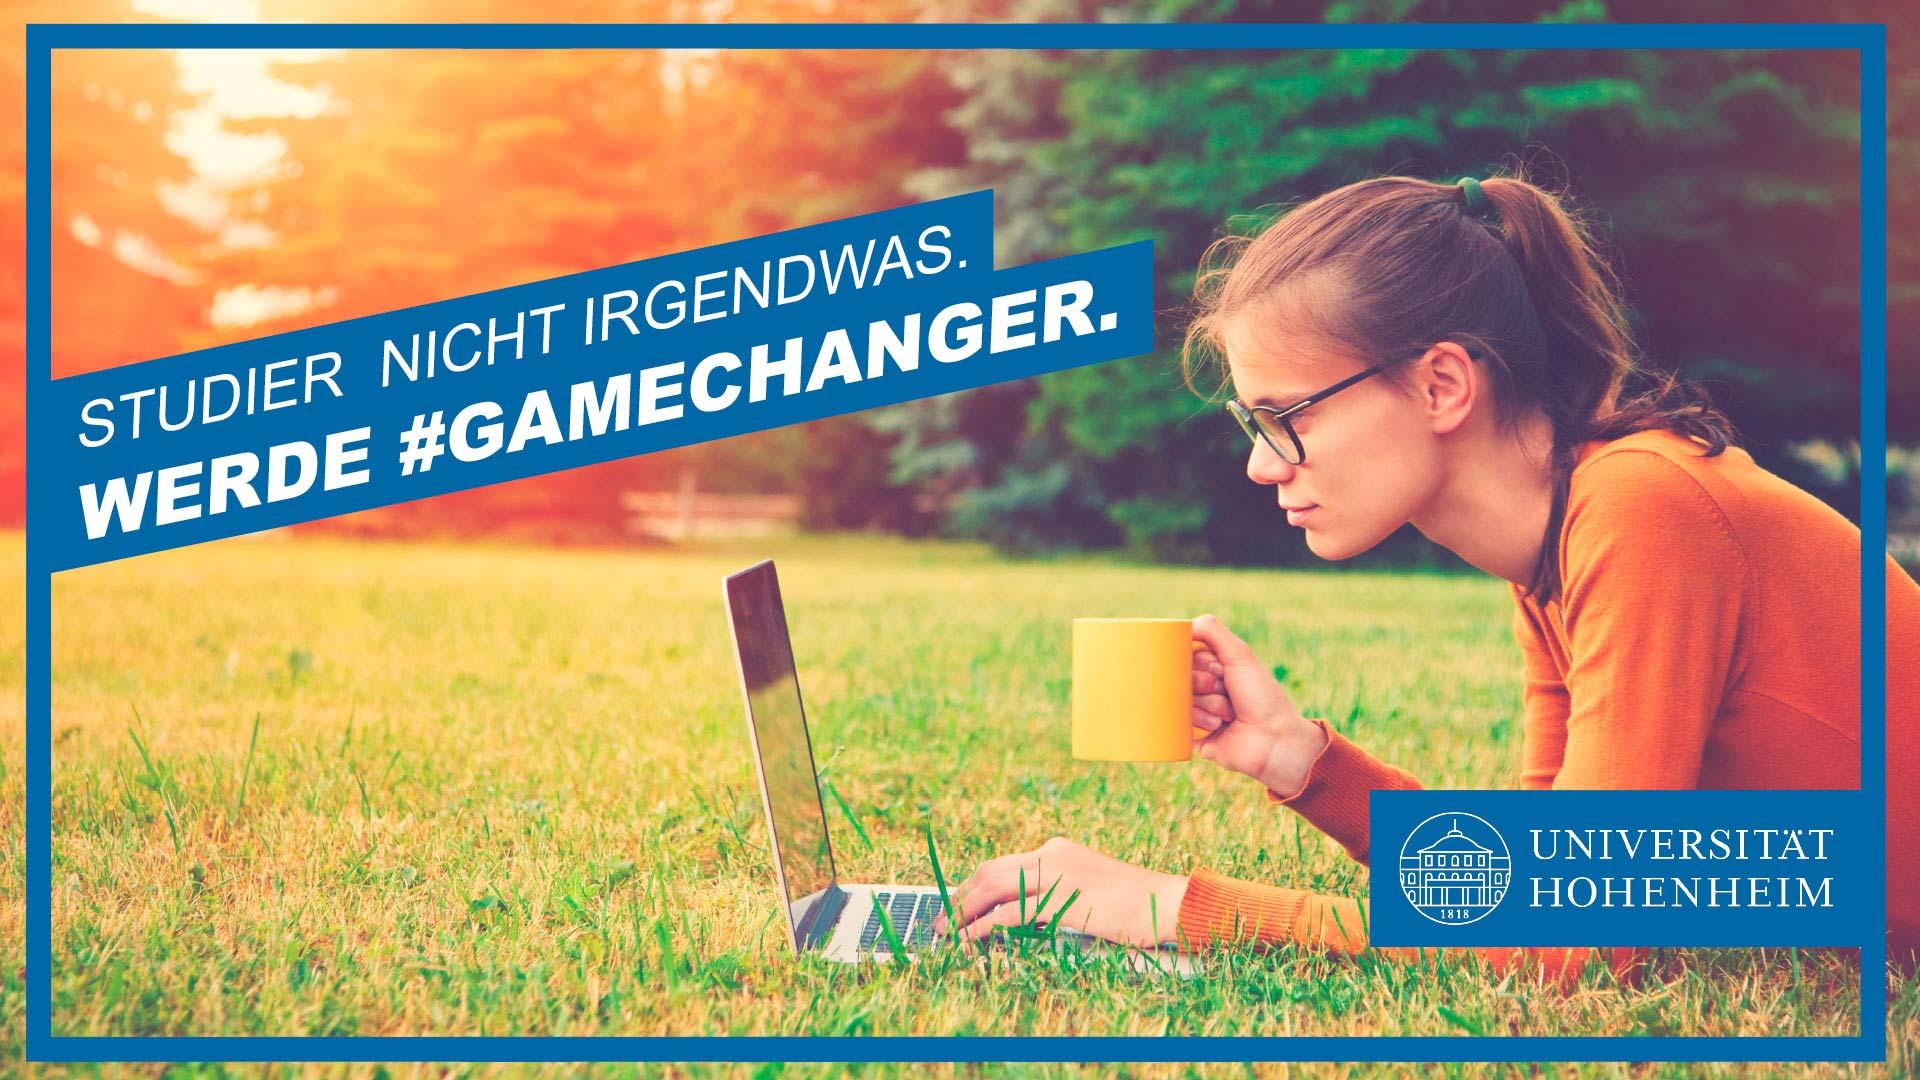 Studier nicht irgendwas. Werde #Gamechanger. Social Media Kampagne für die Universität Hohenheim von Werbeagentur Schleiner und Parnter Kommunikation